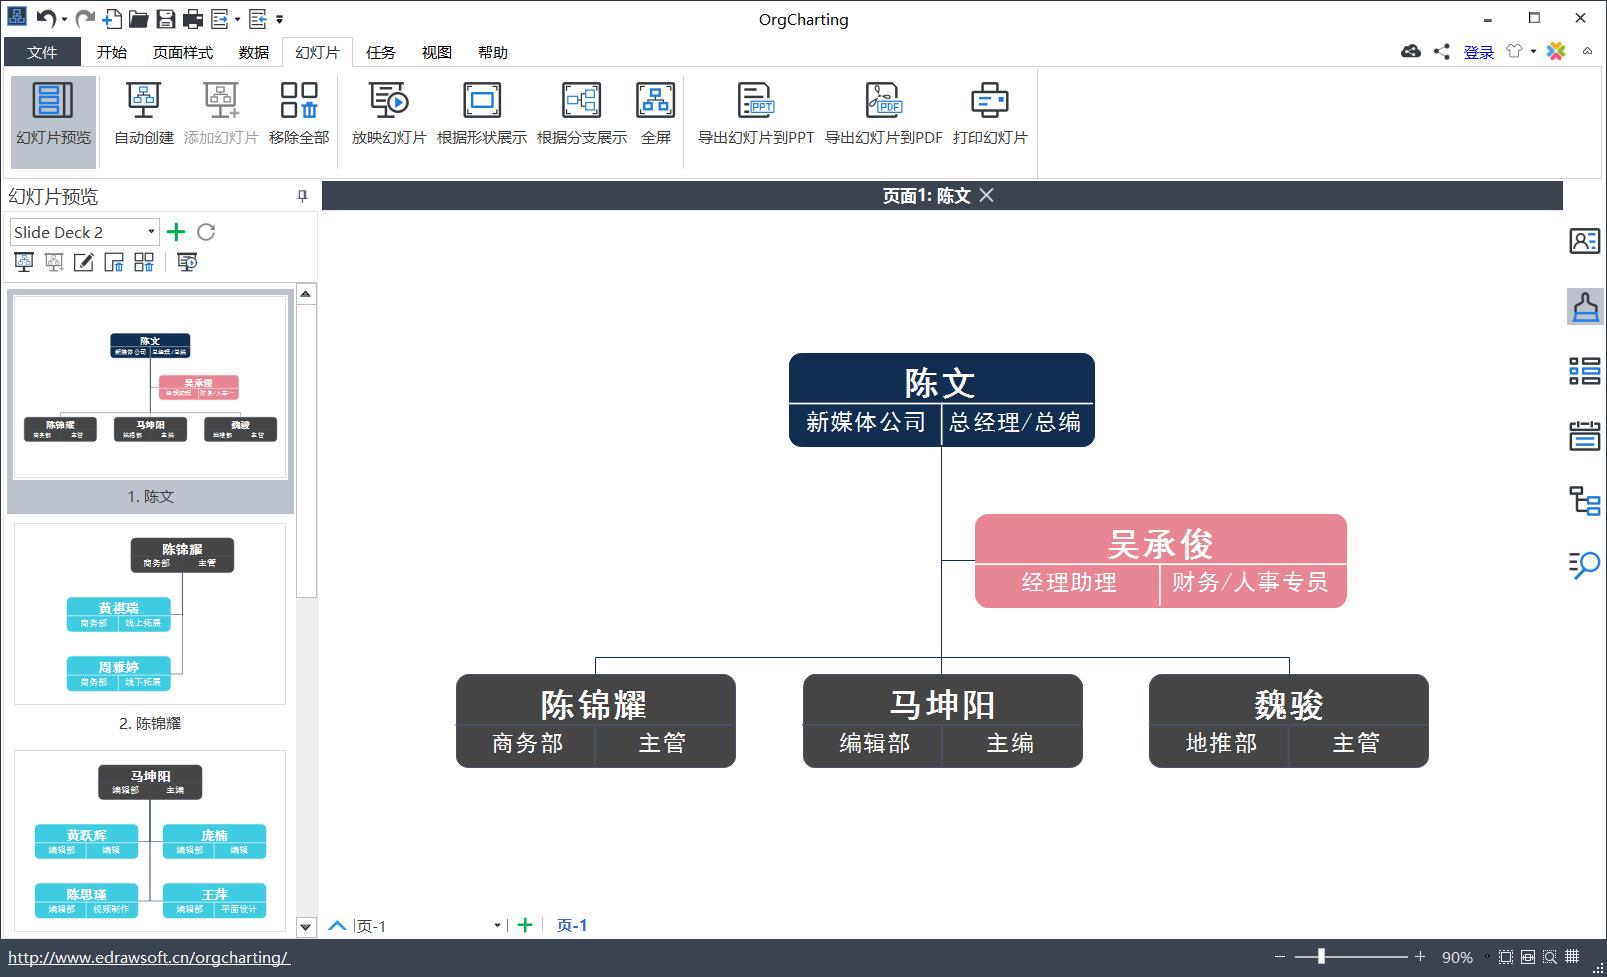 组织架构图幻灯片